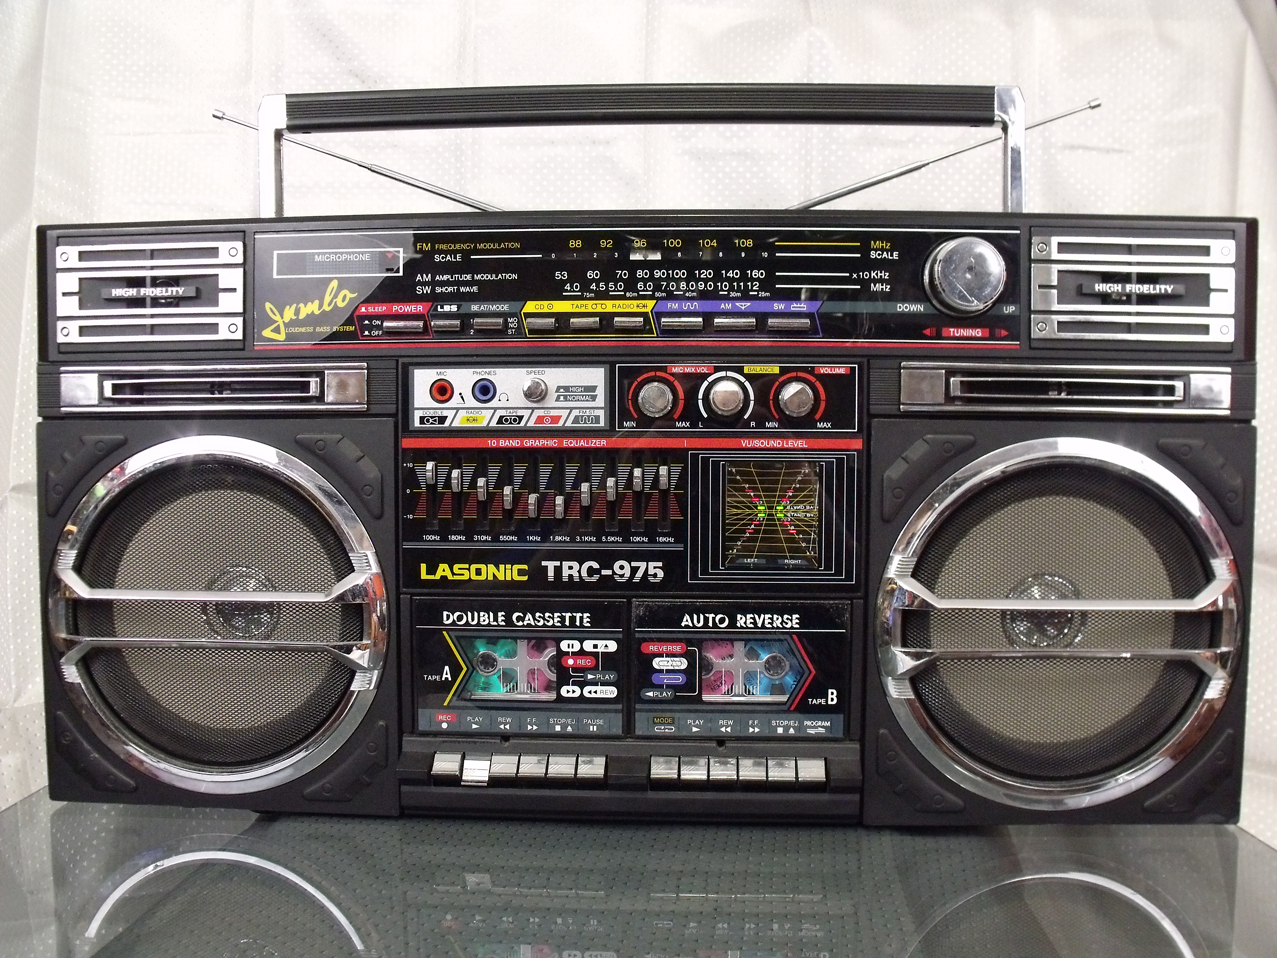 throwback hip hop station 105 1 fm is the new king of. Black Bedroom Furniture Sets. Home Design Ideas